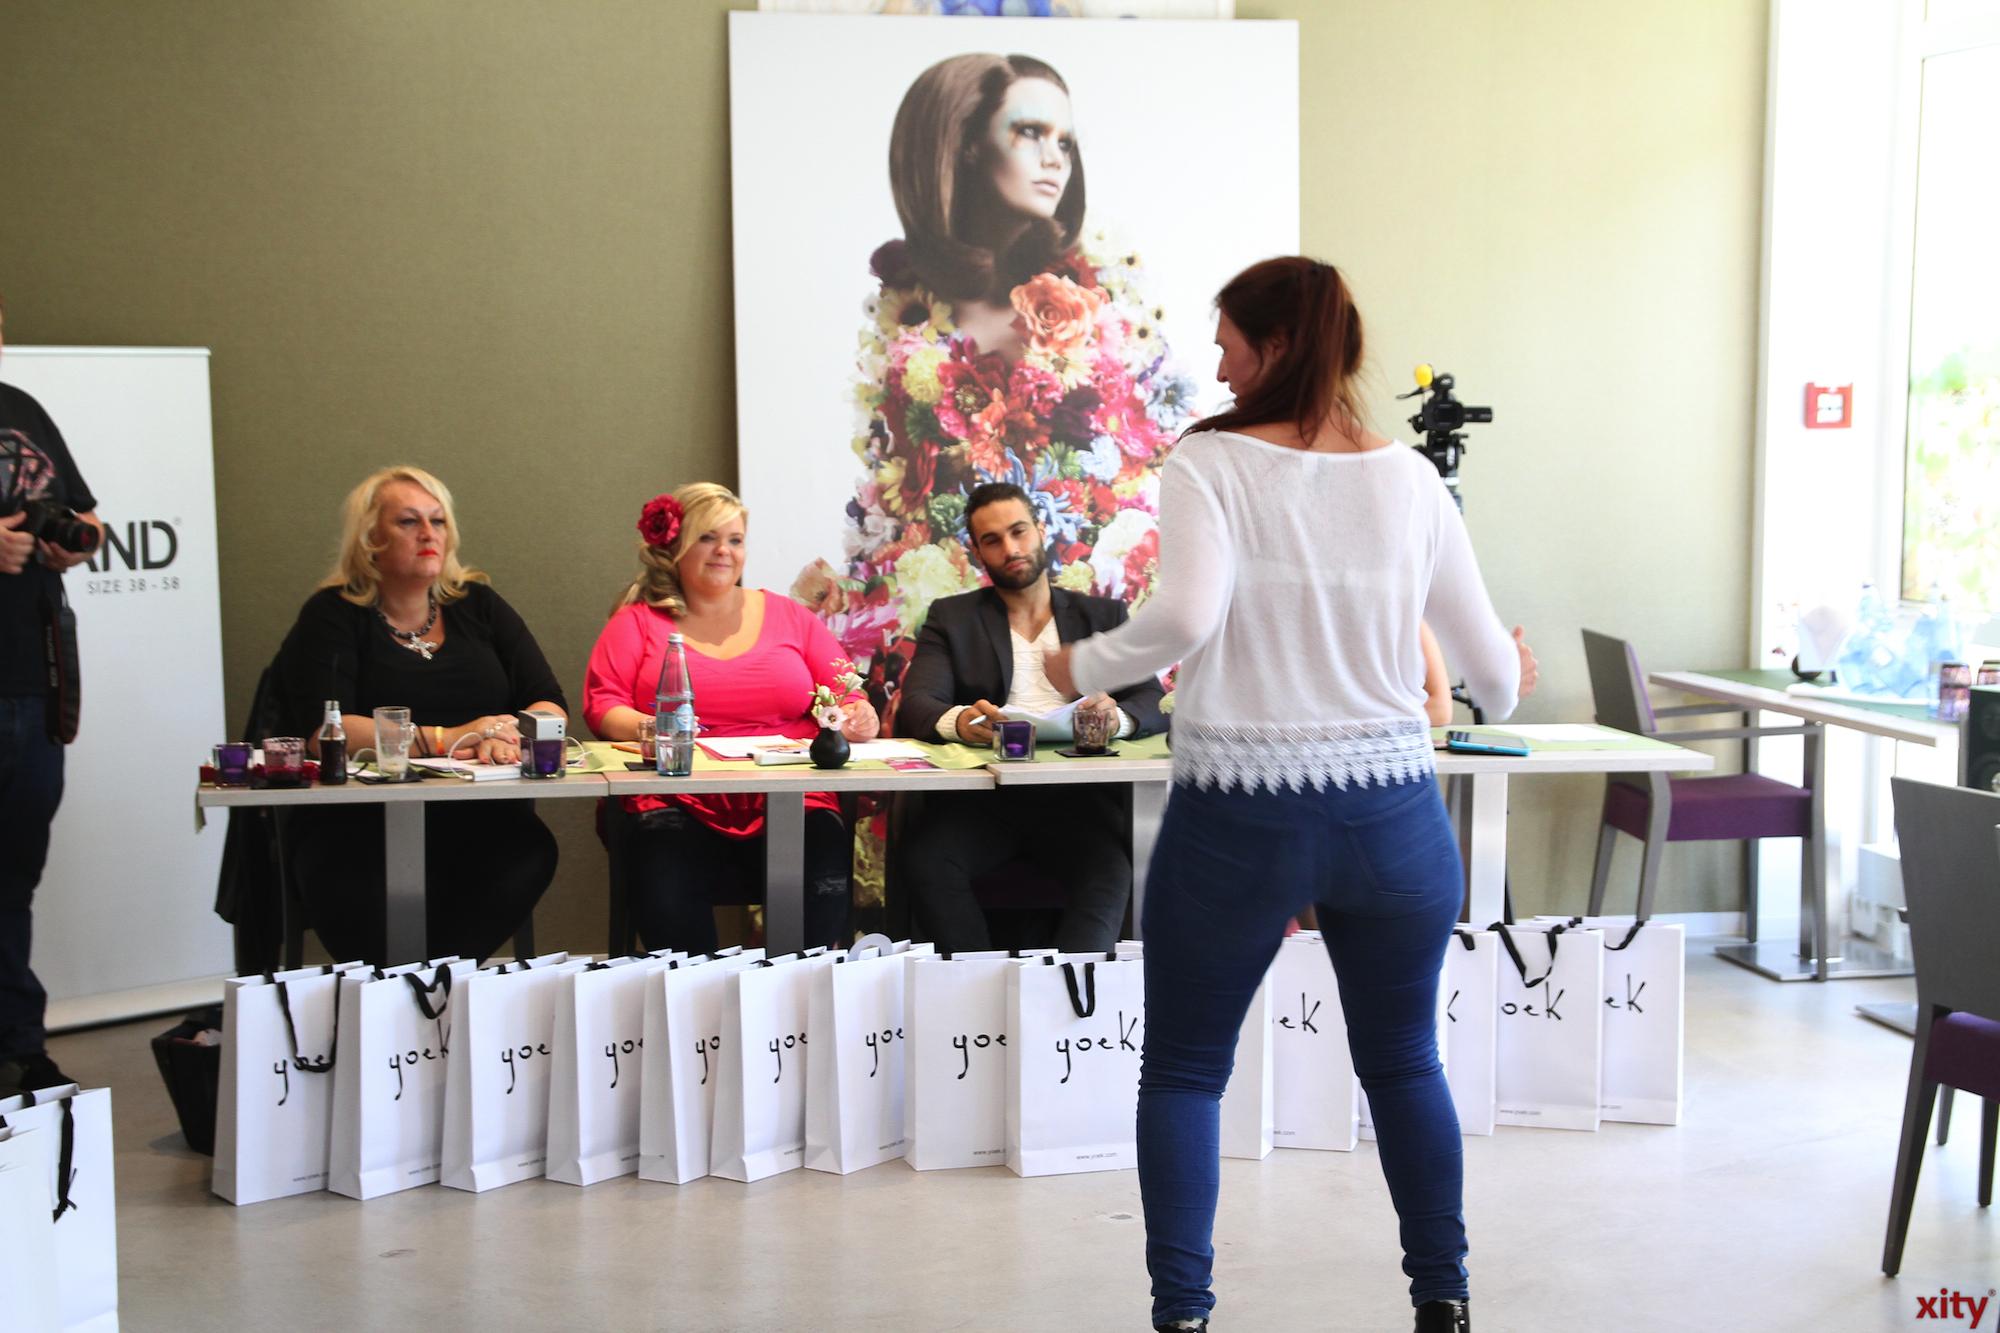 Vor der Jury hatten die Teilnehmerinnen Zeit sich vorzustellen und ihr Talent zu zeigen. (Foto: xity)